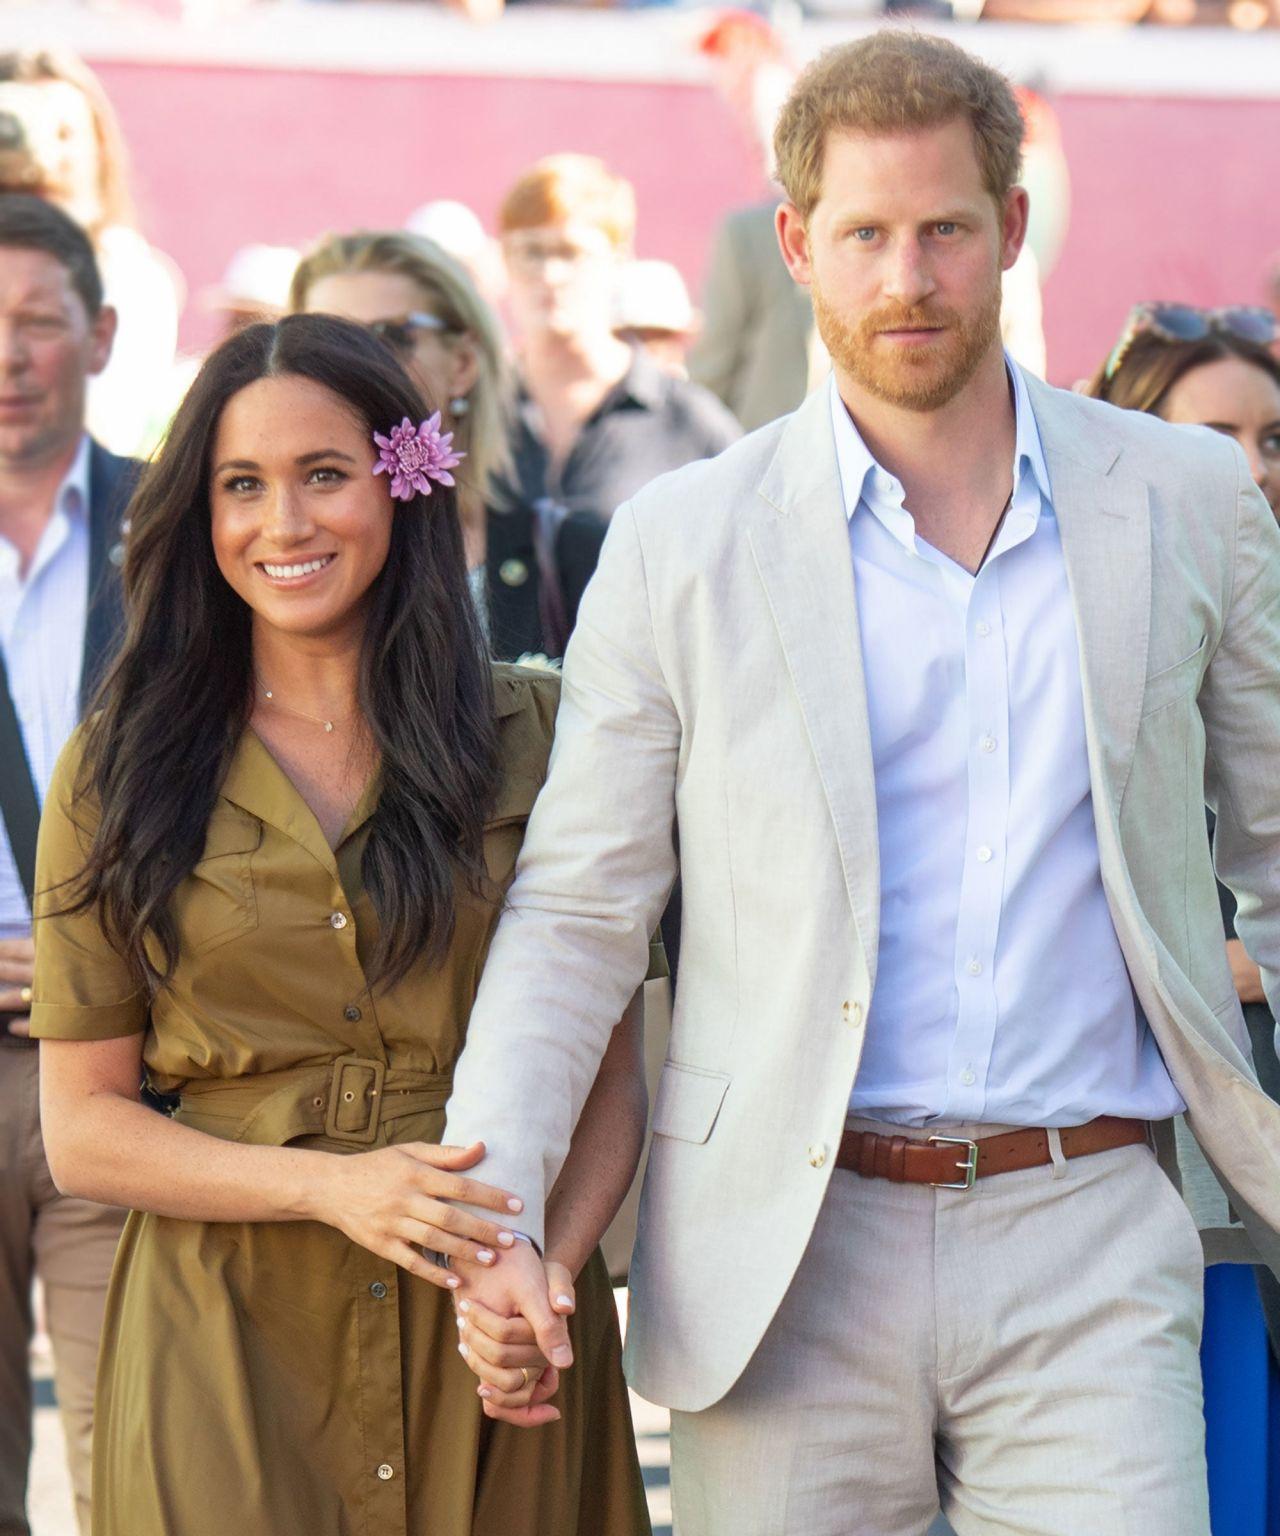 Ünlü şarkıcıdan Prens Harry'e destek: 'Gerçek bir erkek' - Sayfa 1